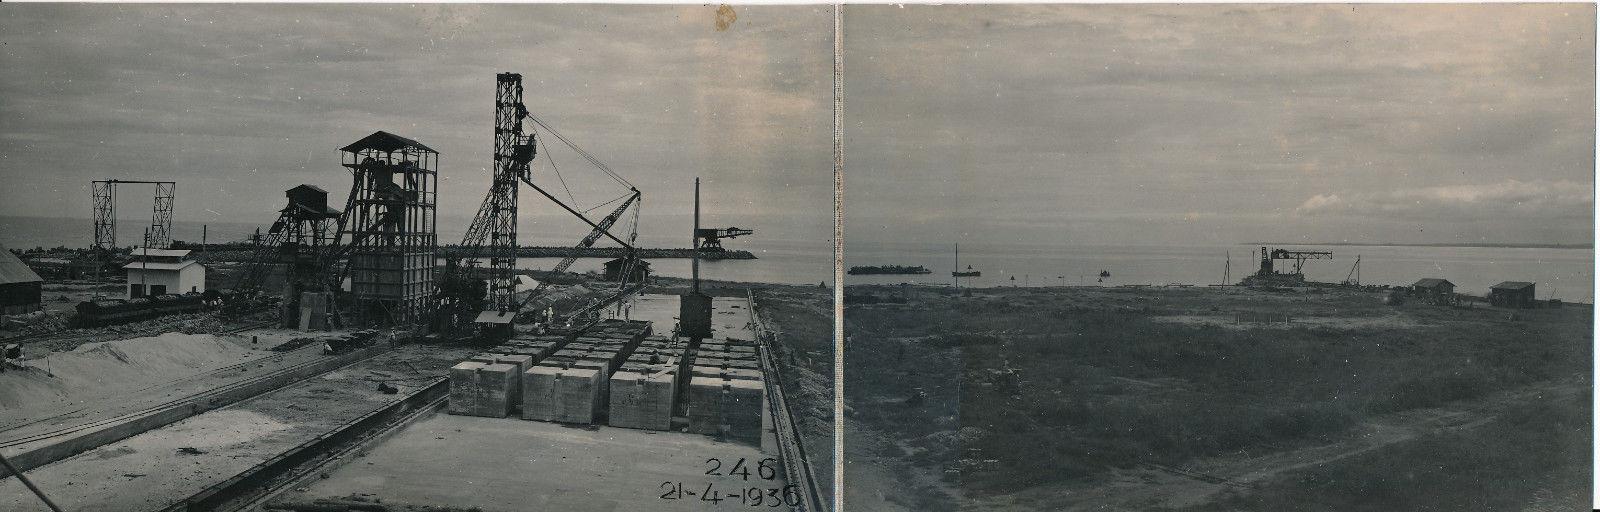 21.03.36. Панорамный вид на строительные площадки и работы. Блоки предназначены для строительства причала